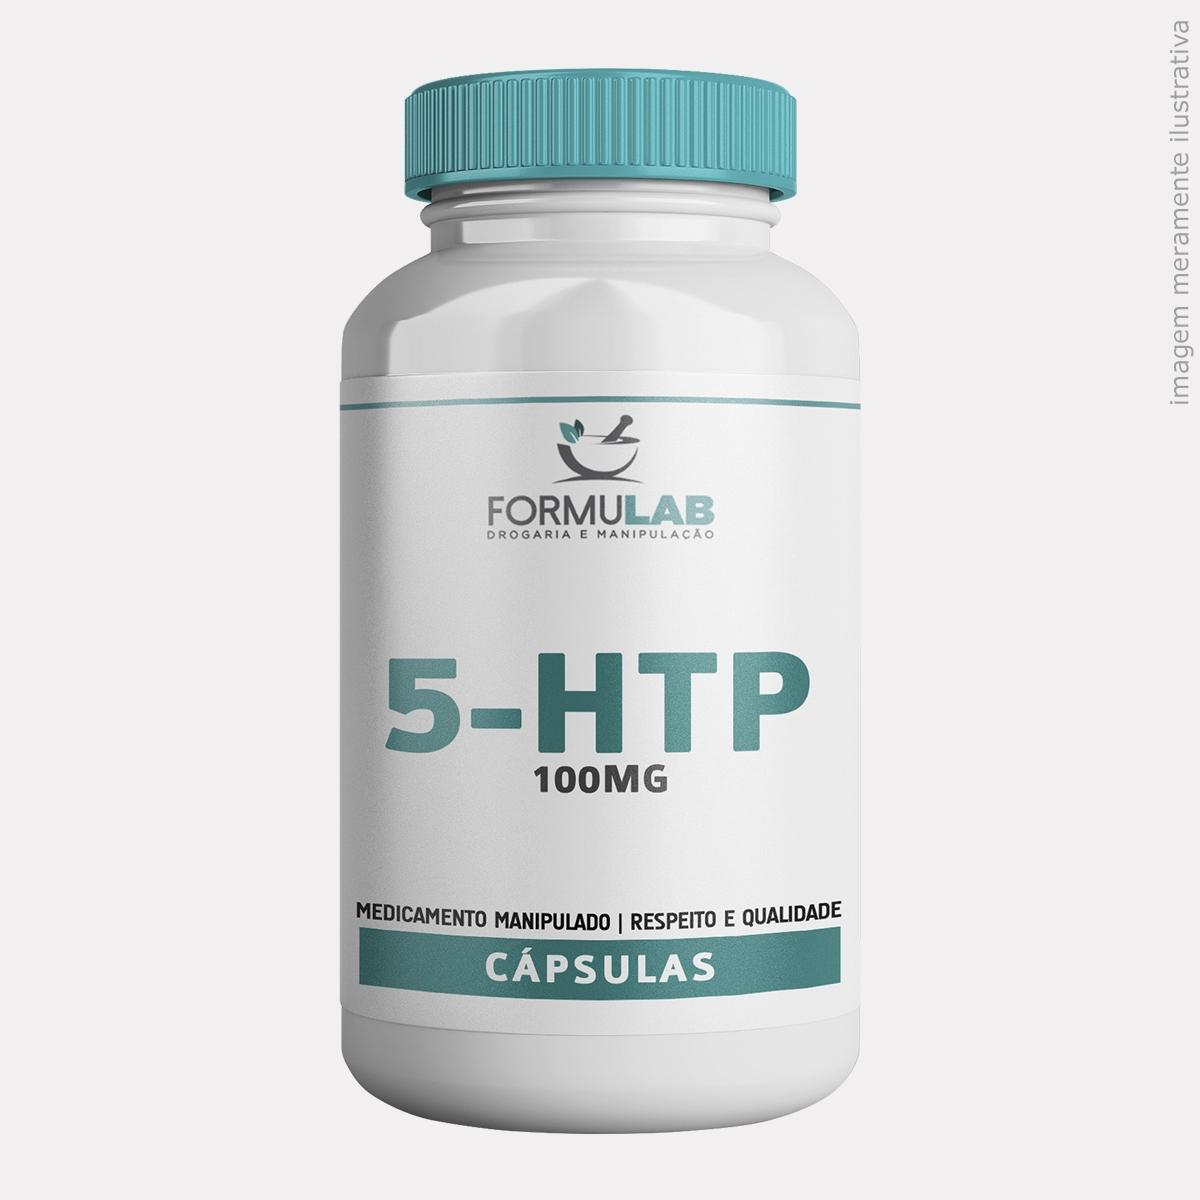 5-HTP - L-5-HIDROXITRIPTOFANO - 100mg